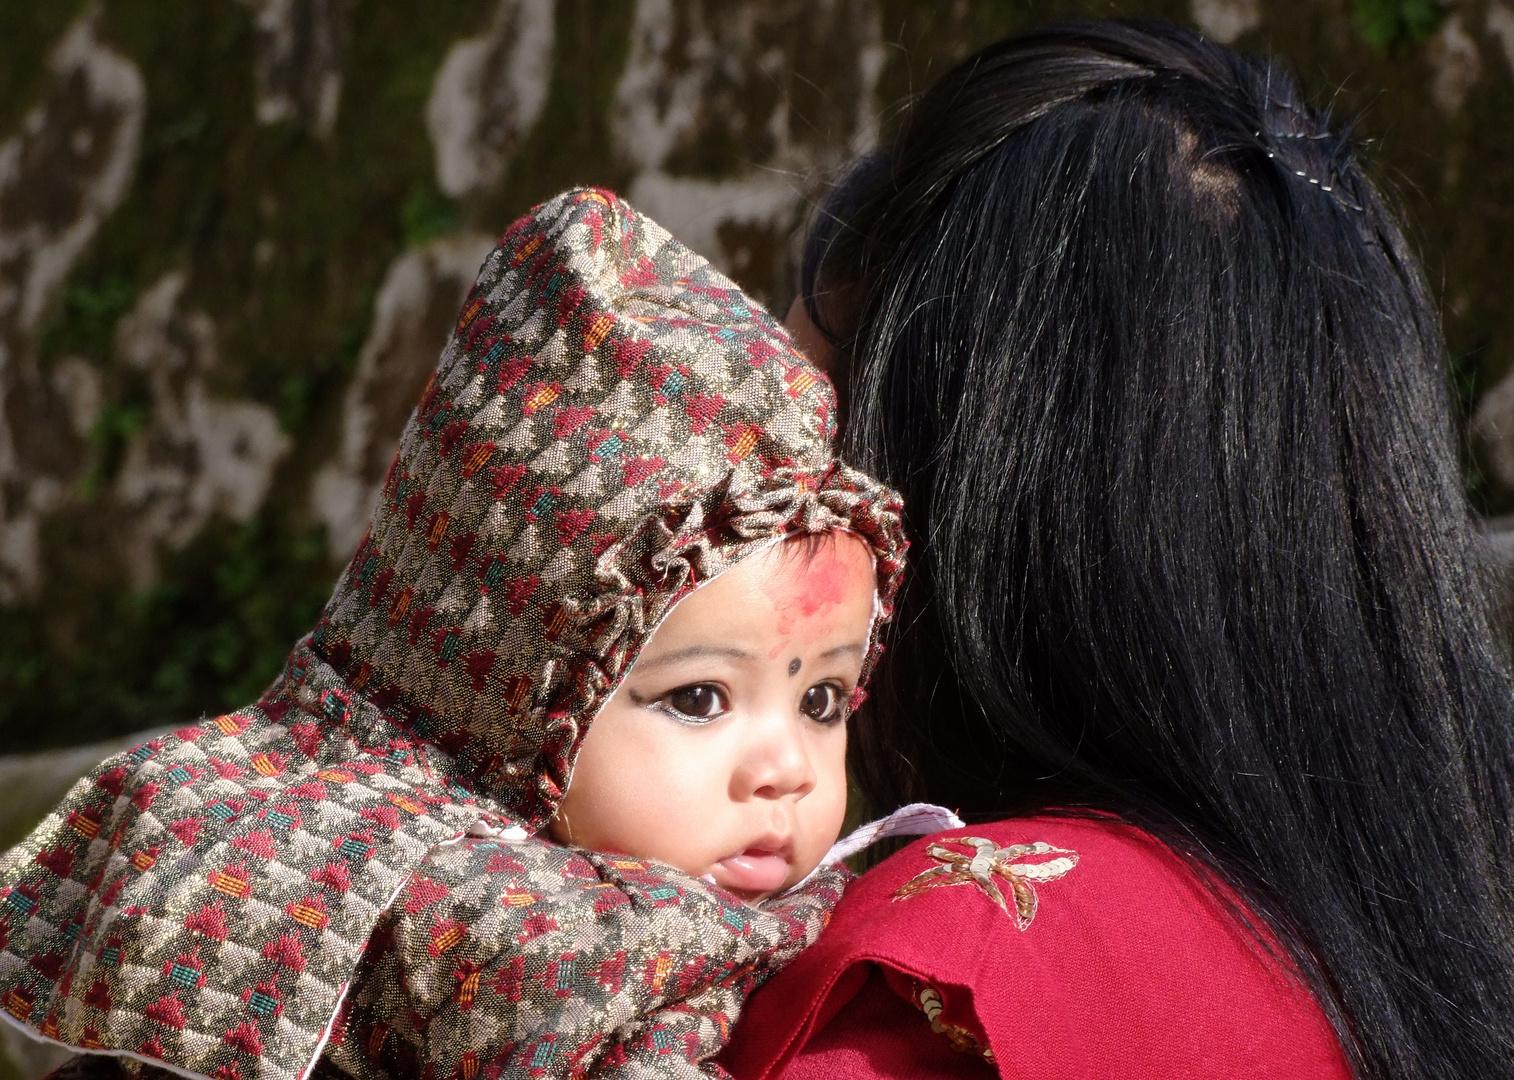 Hindukind, mit Kajal geschminkt